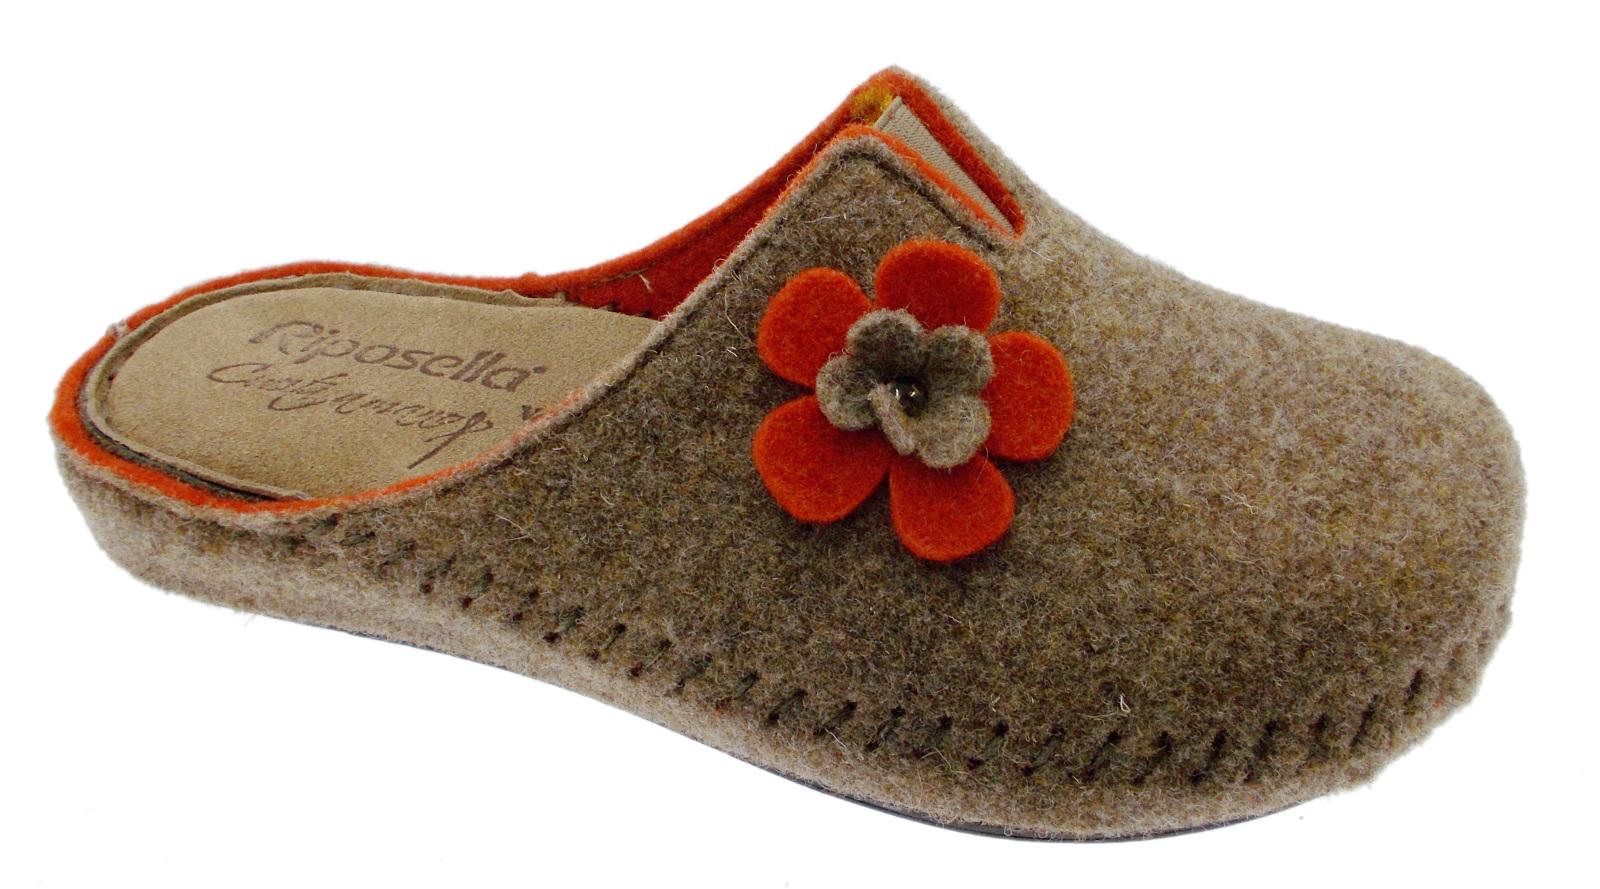 Ciabatta Ciabatta Ciabatta tortora arancio panno lana cotta fiore extra large art 40760 Riposella 0e1039